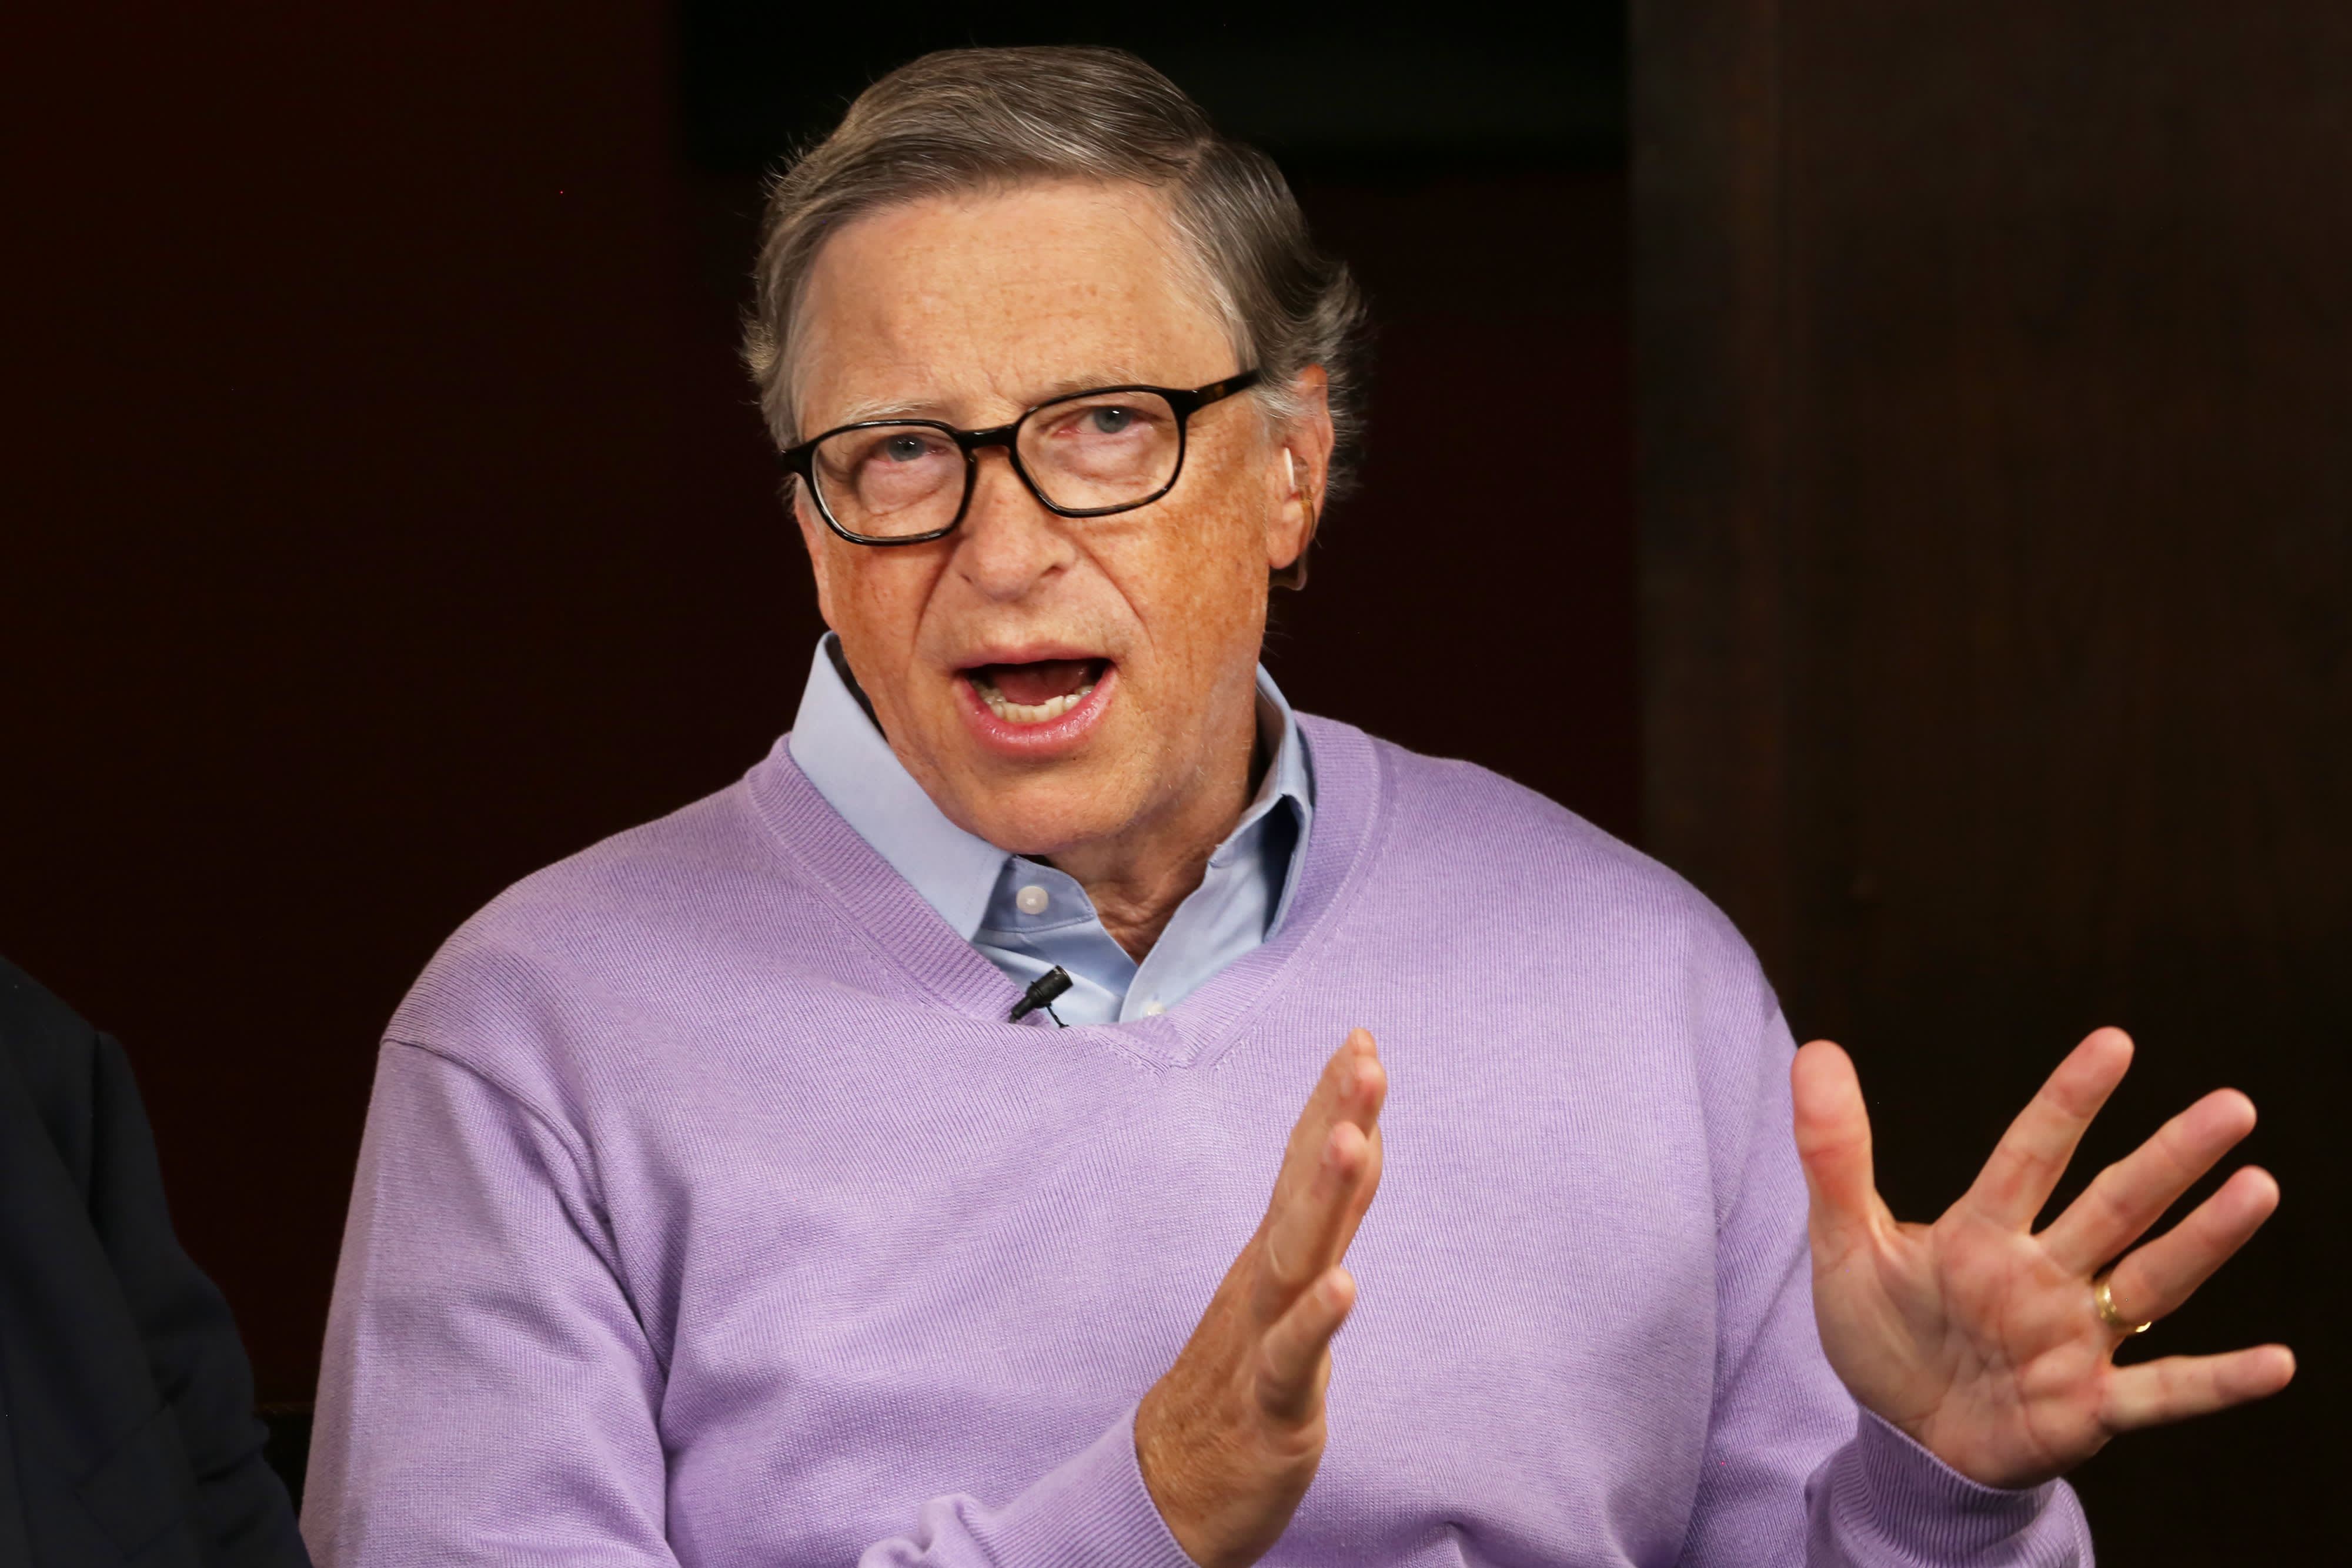 Билл Гейтс опроверг слухи о чипировании людей под видом вакцинации